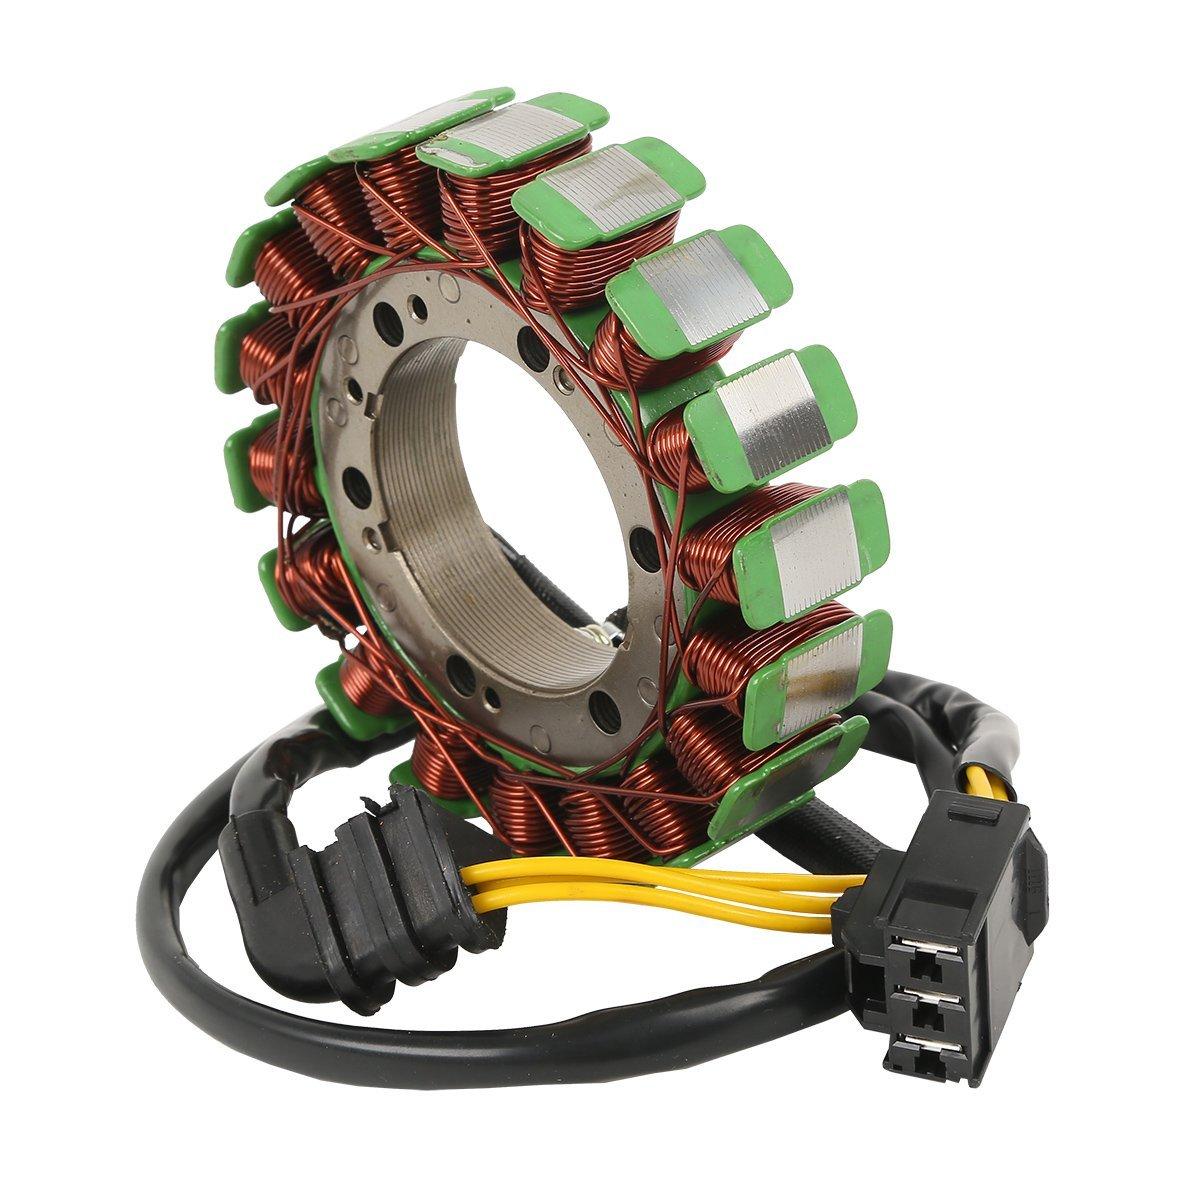 XFMT Motorcycle Stator Coil Engine For Honda CBR 900 RR CBR900RR CBR929 RR 2000-2001